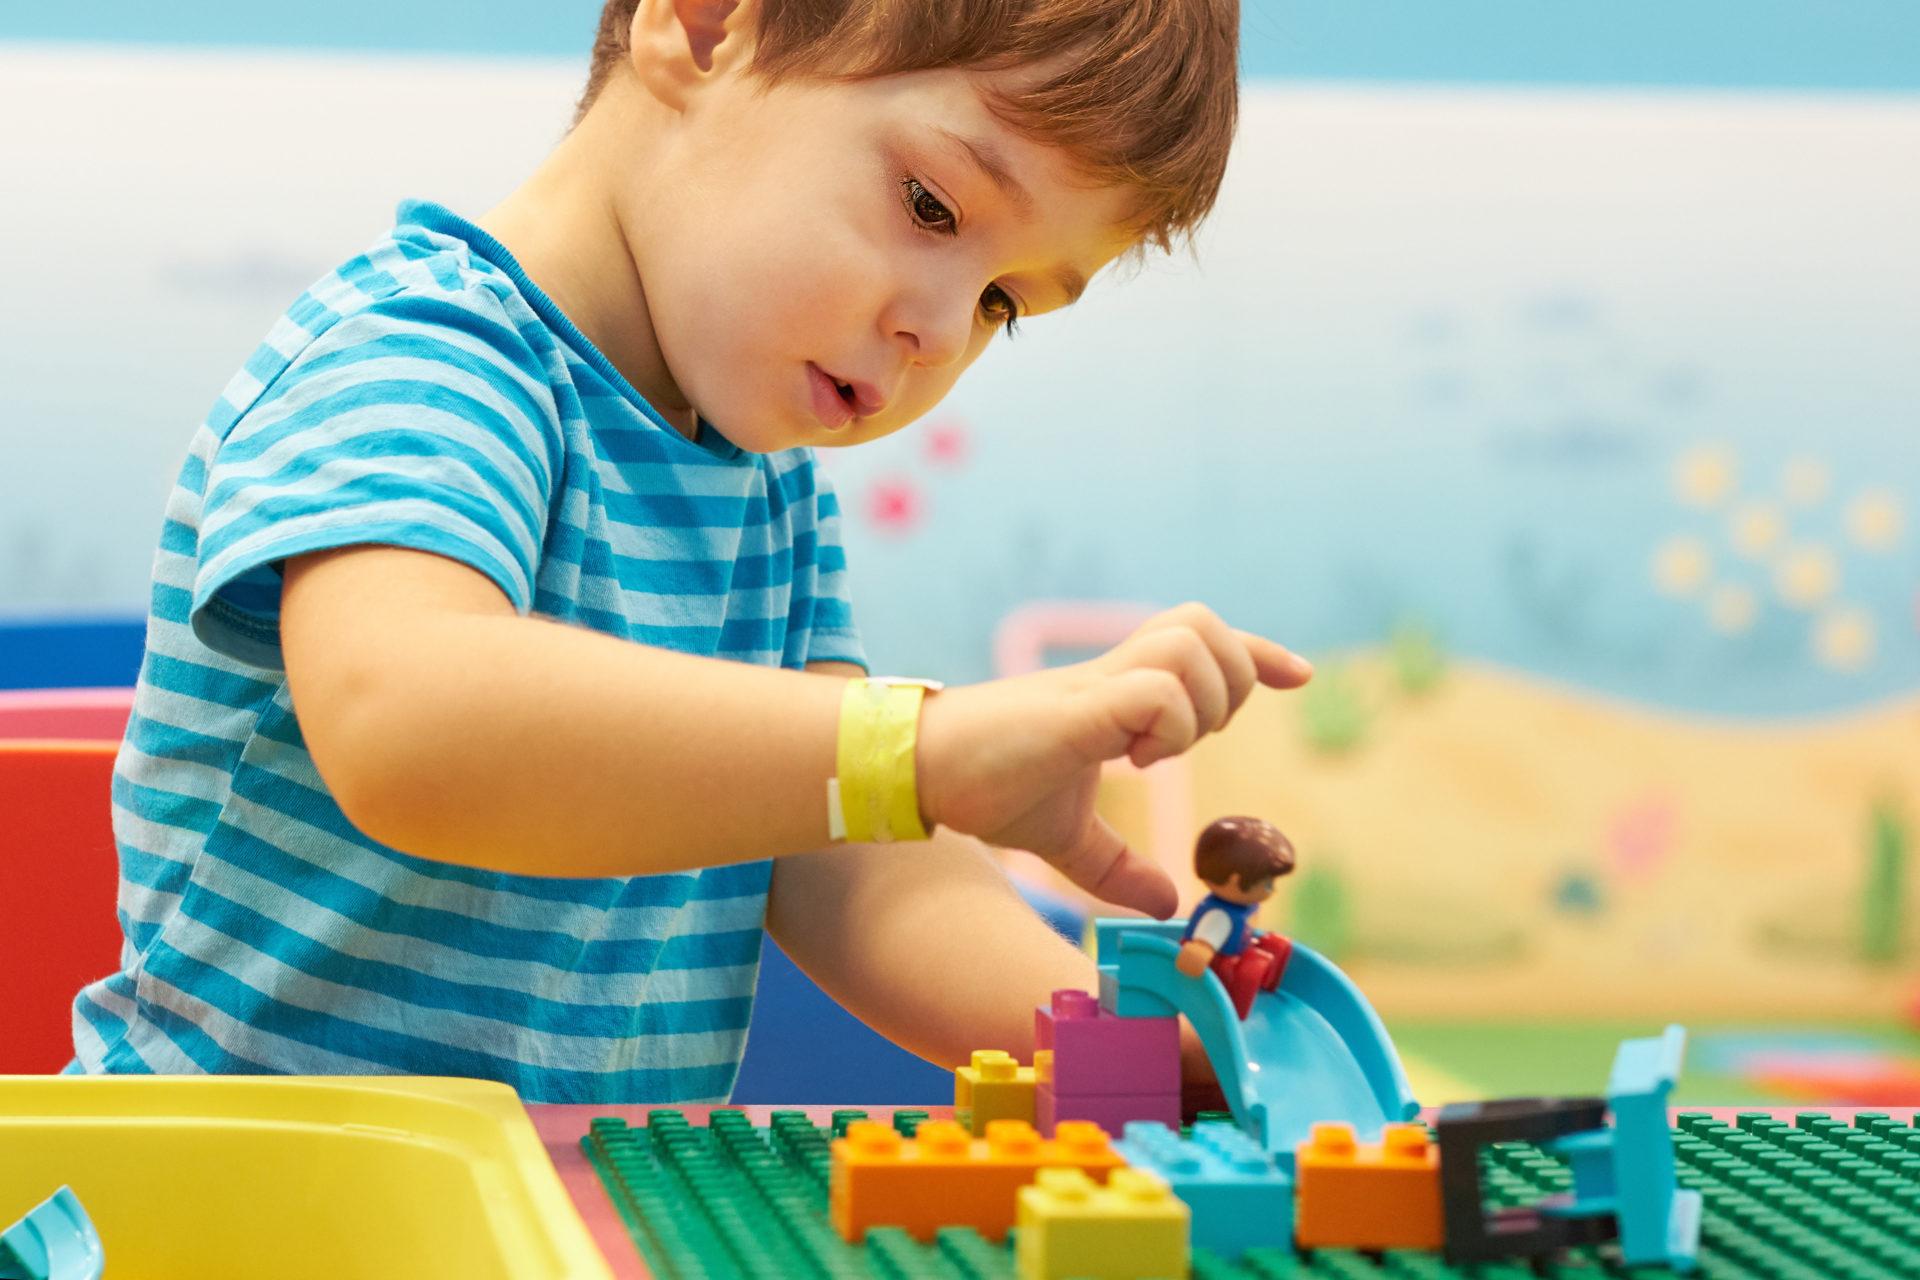 Jeu, Jouet Enfant - Jeu Enfant 2 Ans, 3 Ans, 4 Ans Et 5 Ans à Jeux Educatif Gratuit 4 Ans